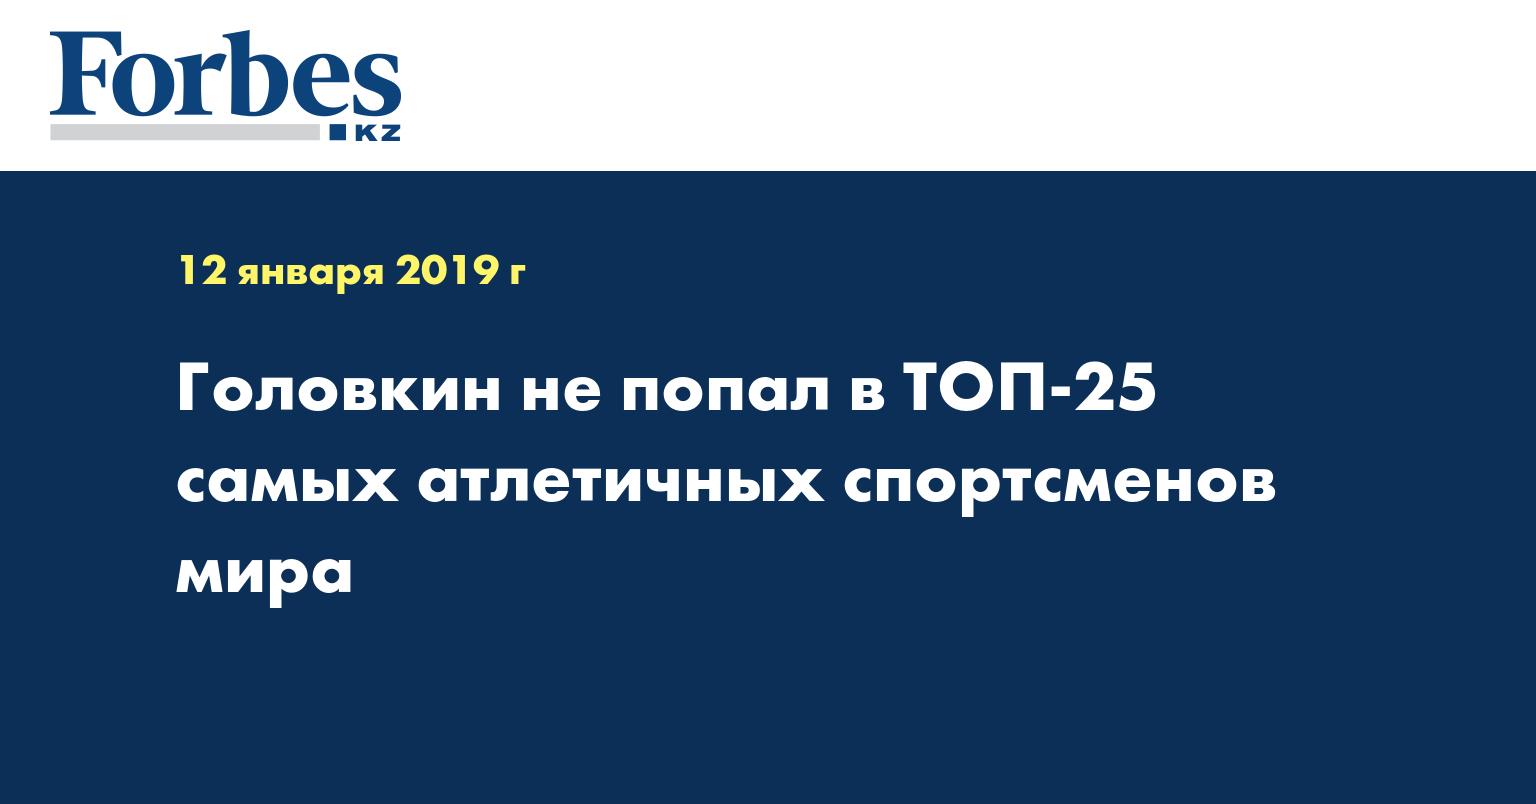 Головкин не попал в ТОП-25 самых атлетичных спортсменов мира